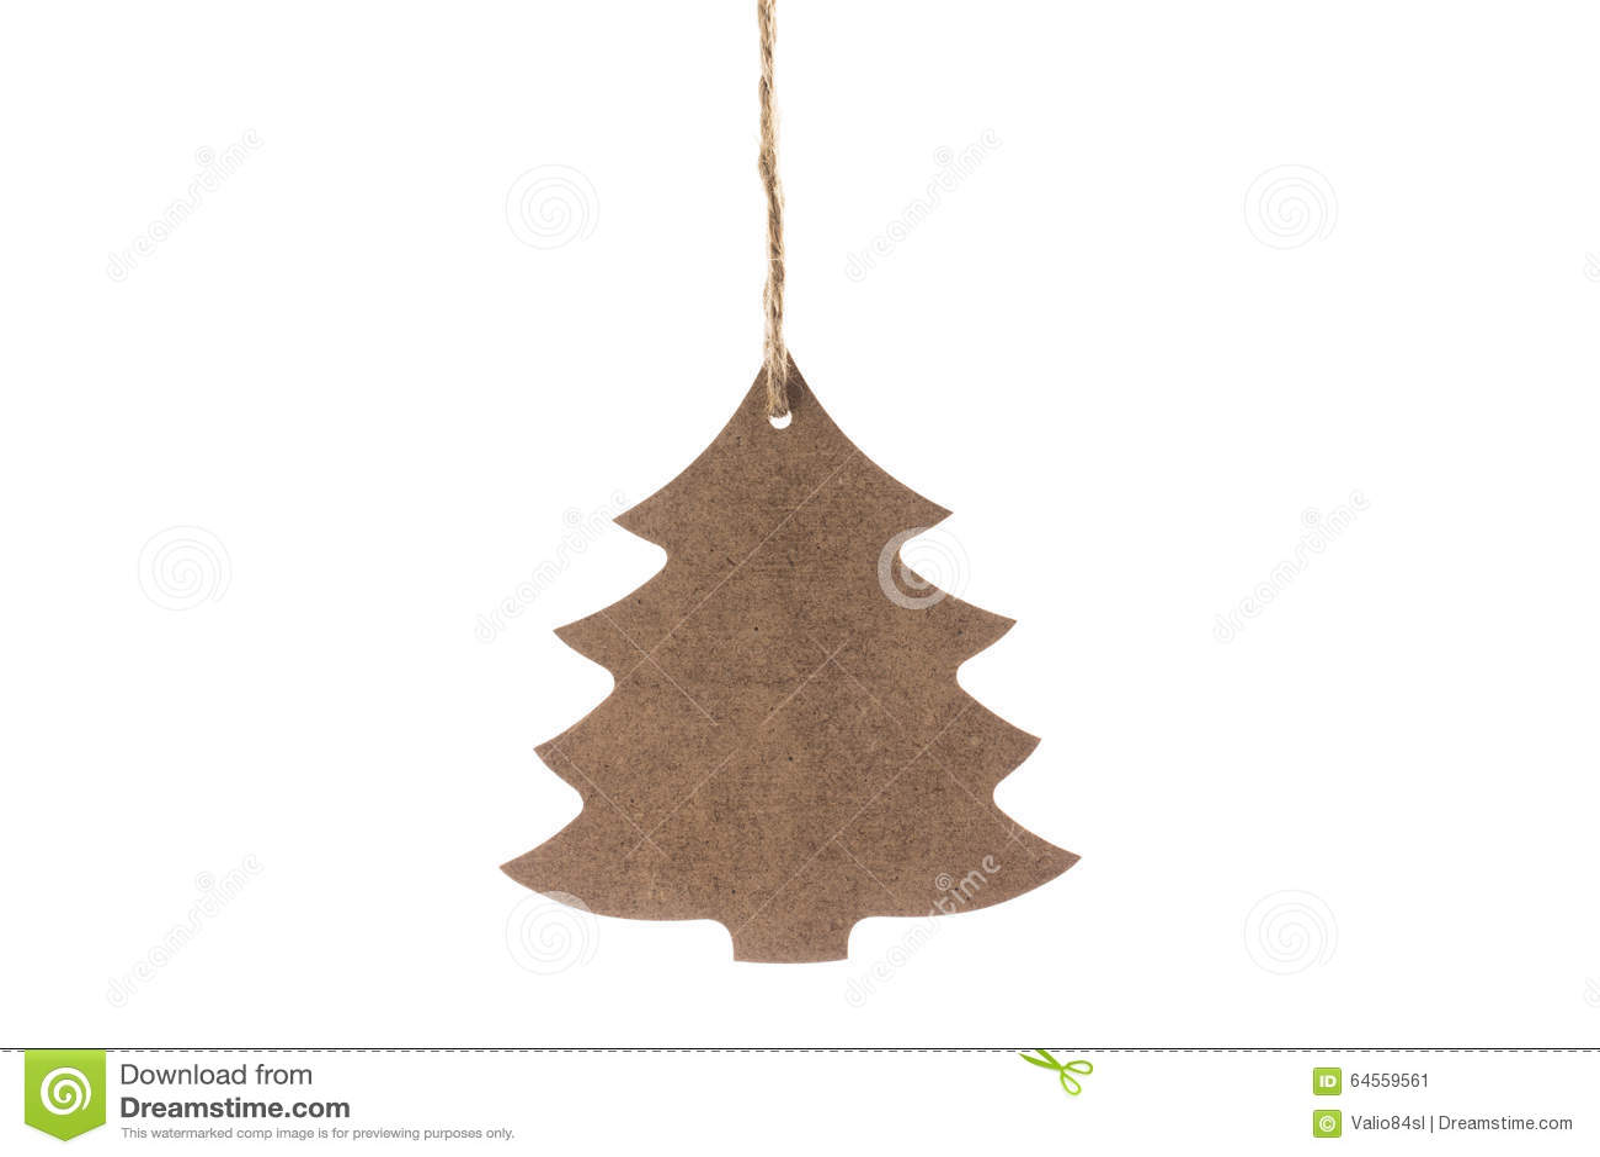 Decorazioni In Legno Per Albero Di Natale : Albero di natale di legno con la stella per la decorazione isolata